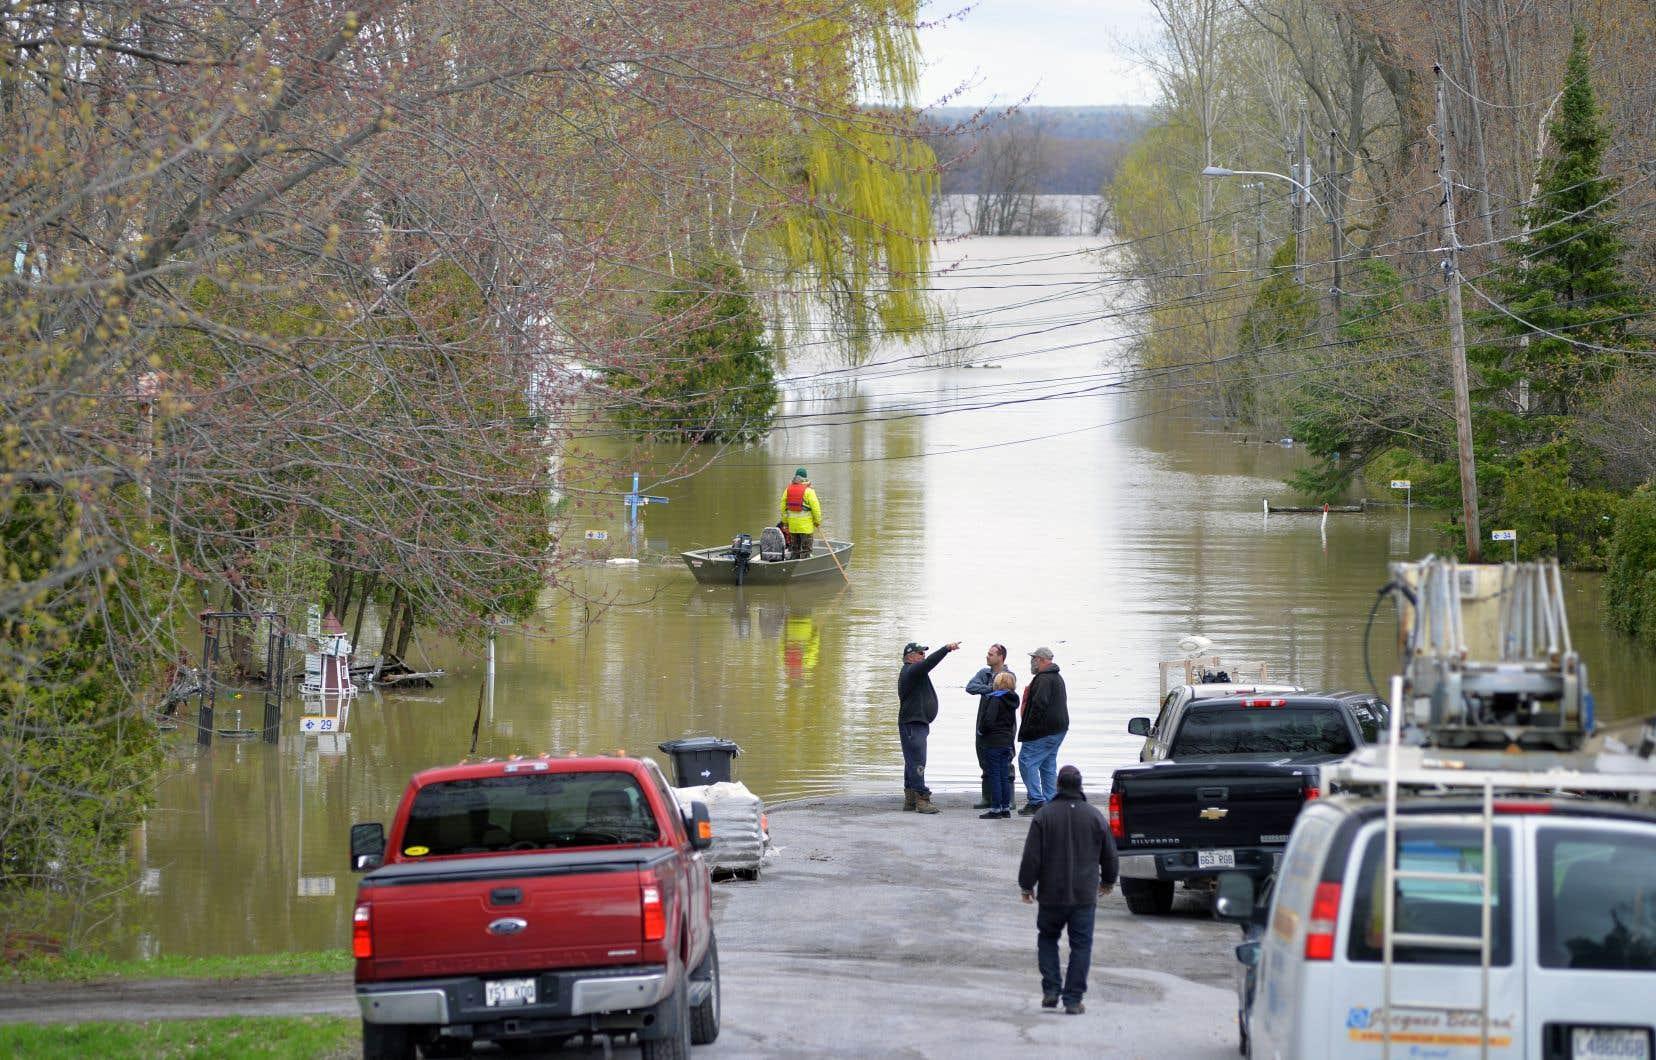 «Pour l'élection de la semaine prochaine, on peut se demander si les deux principaux partis en lice, le Parti libéral et la Coalition avenir Québec, ne sont pas aussi en train de mettre un pied sur le volant et l'autre sur le frein à propos du réchauffement climatique», se questionne l'auteur.